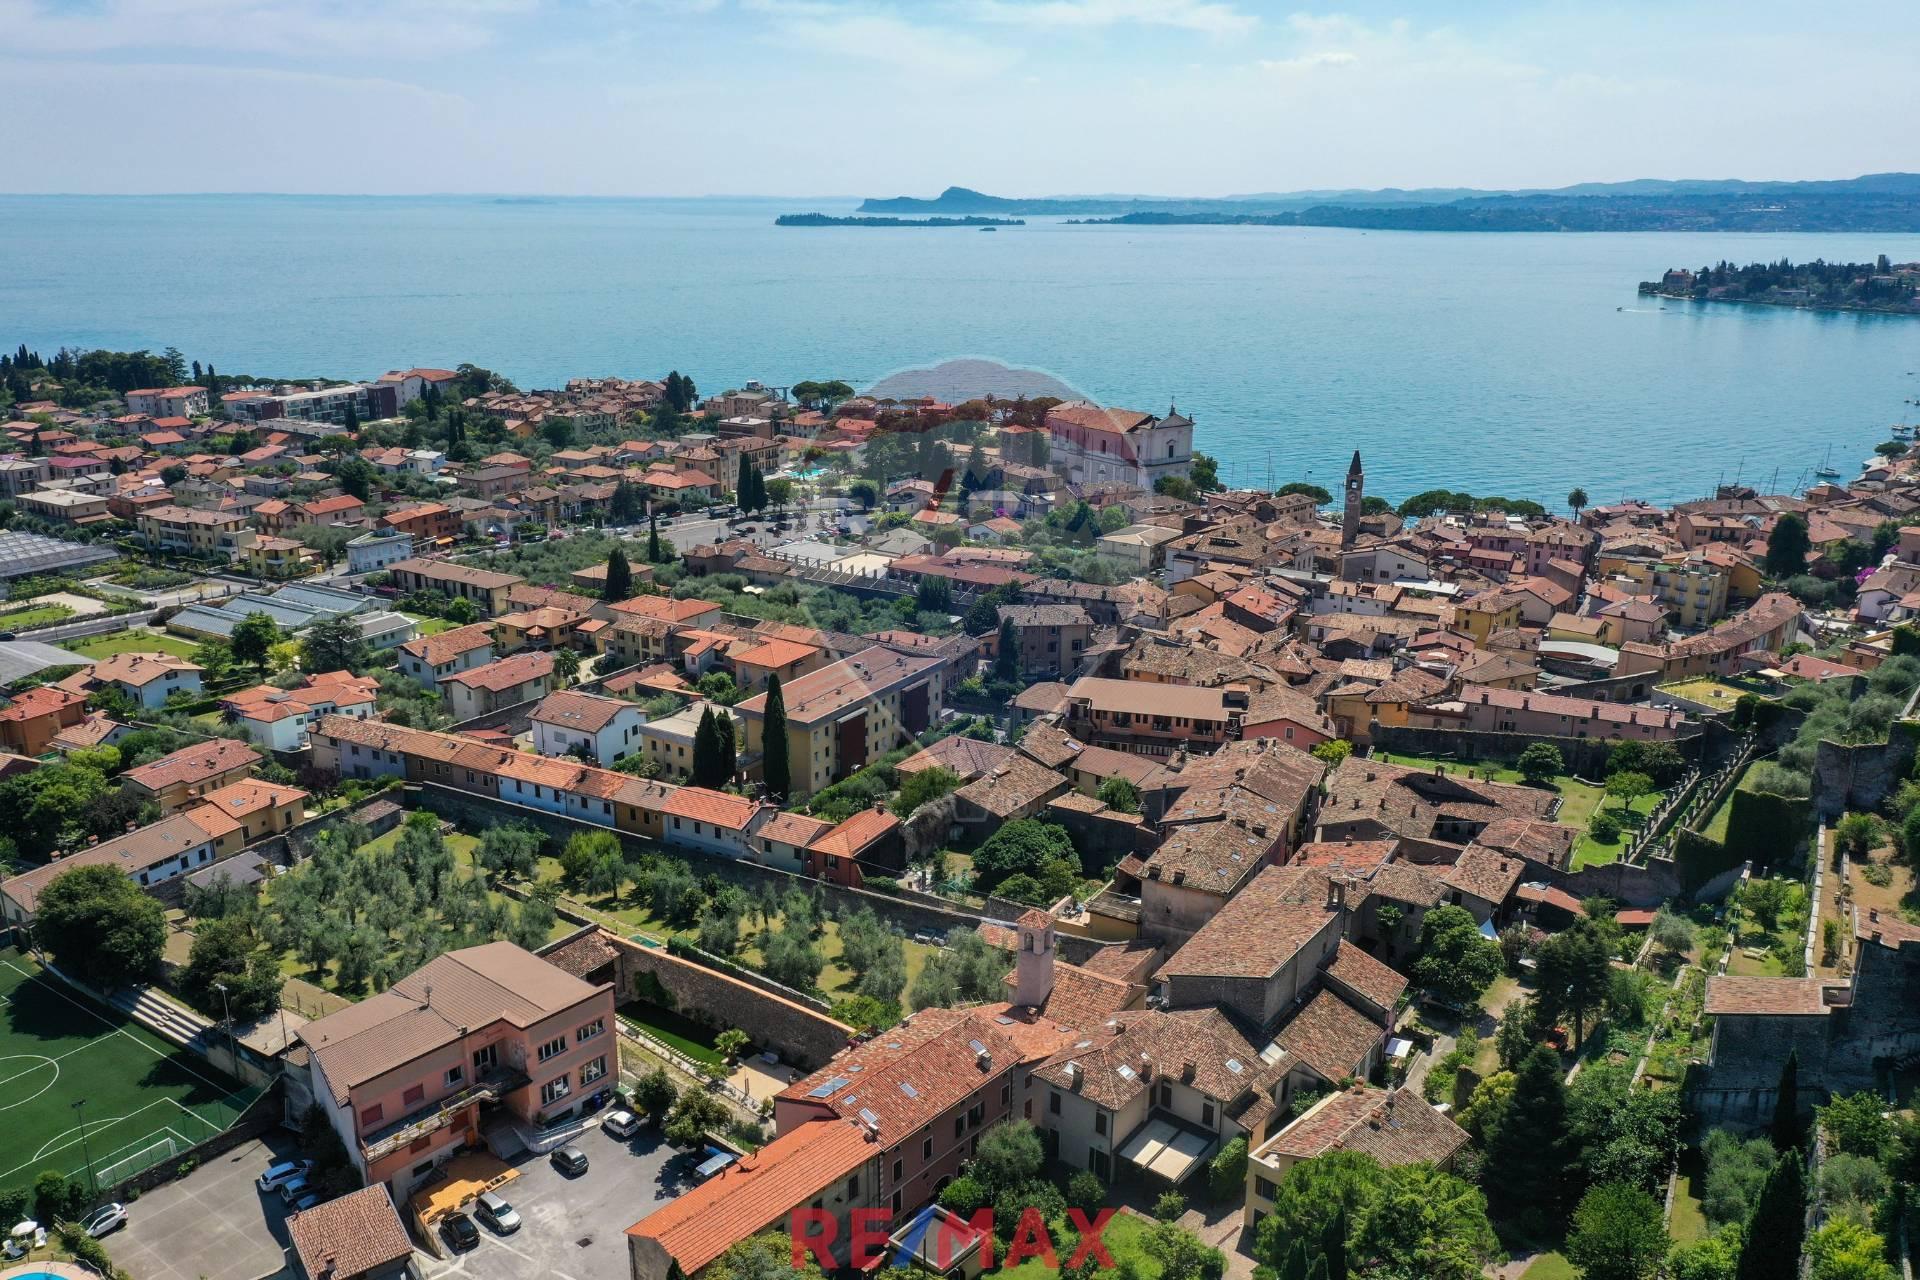 Appartamento in vendita a Toscolano-Maderno, 3 locali, zona Zona: Maderno, prezzo € 185.000   CambioCasa.it